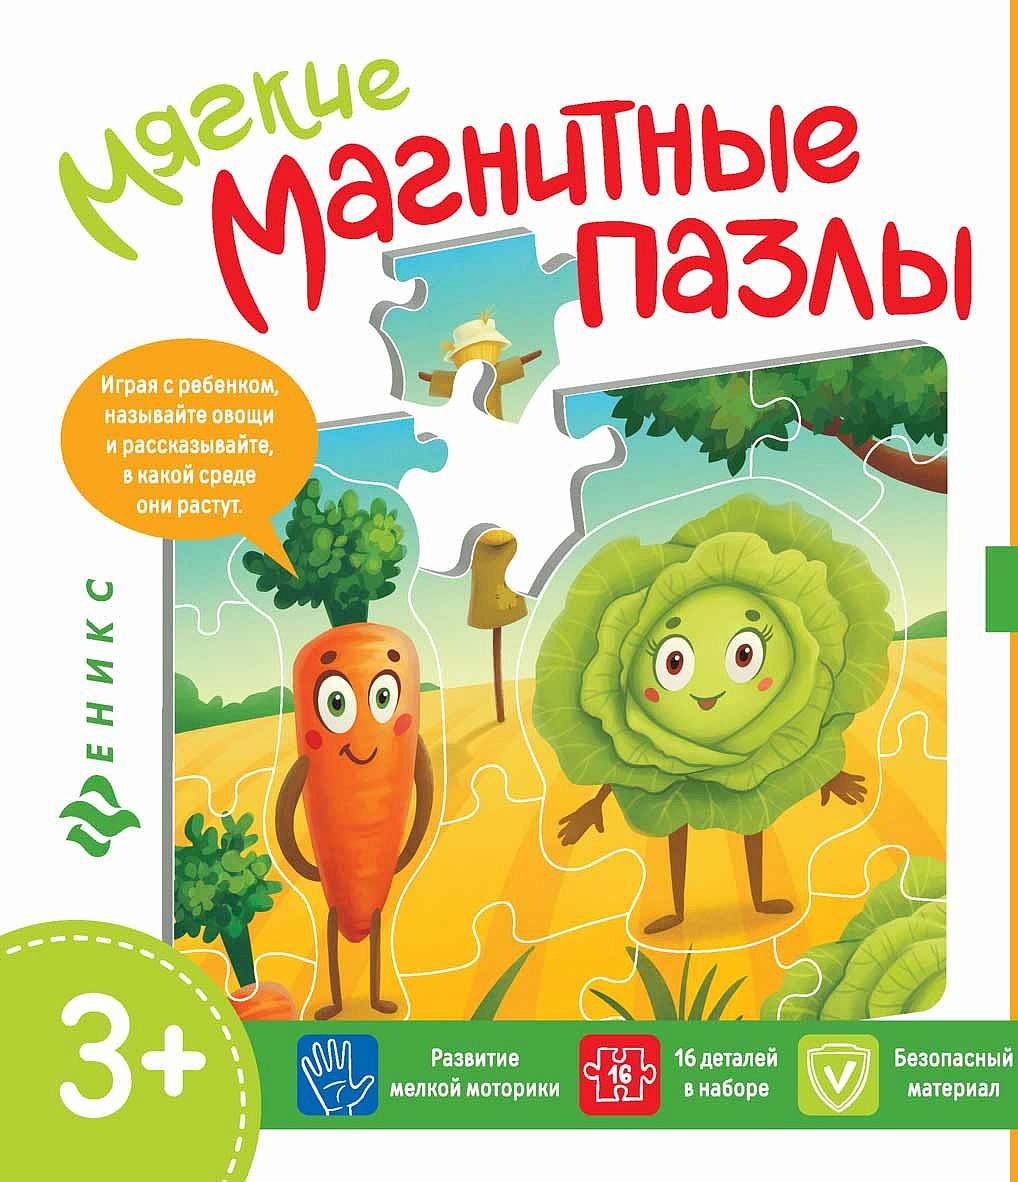 Купить Пазл ФЕНИКС МП2173 Капуста и морковь, Бумага, EVA, Для мальчиков и девочек, Пазлы